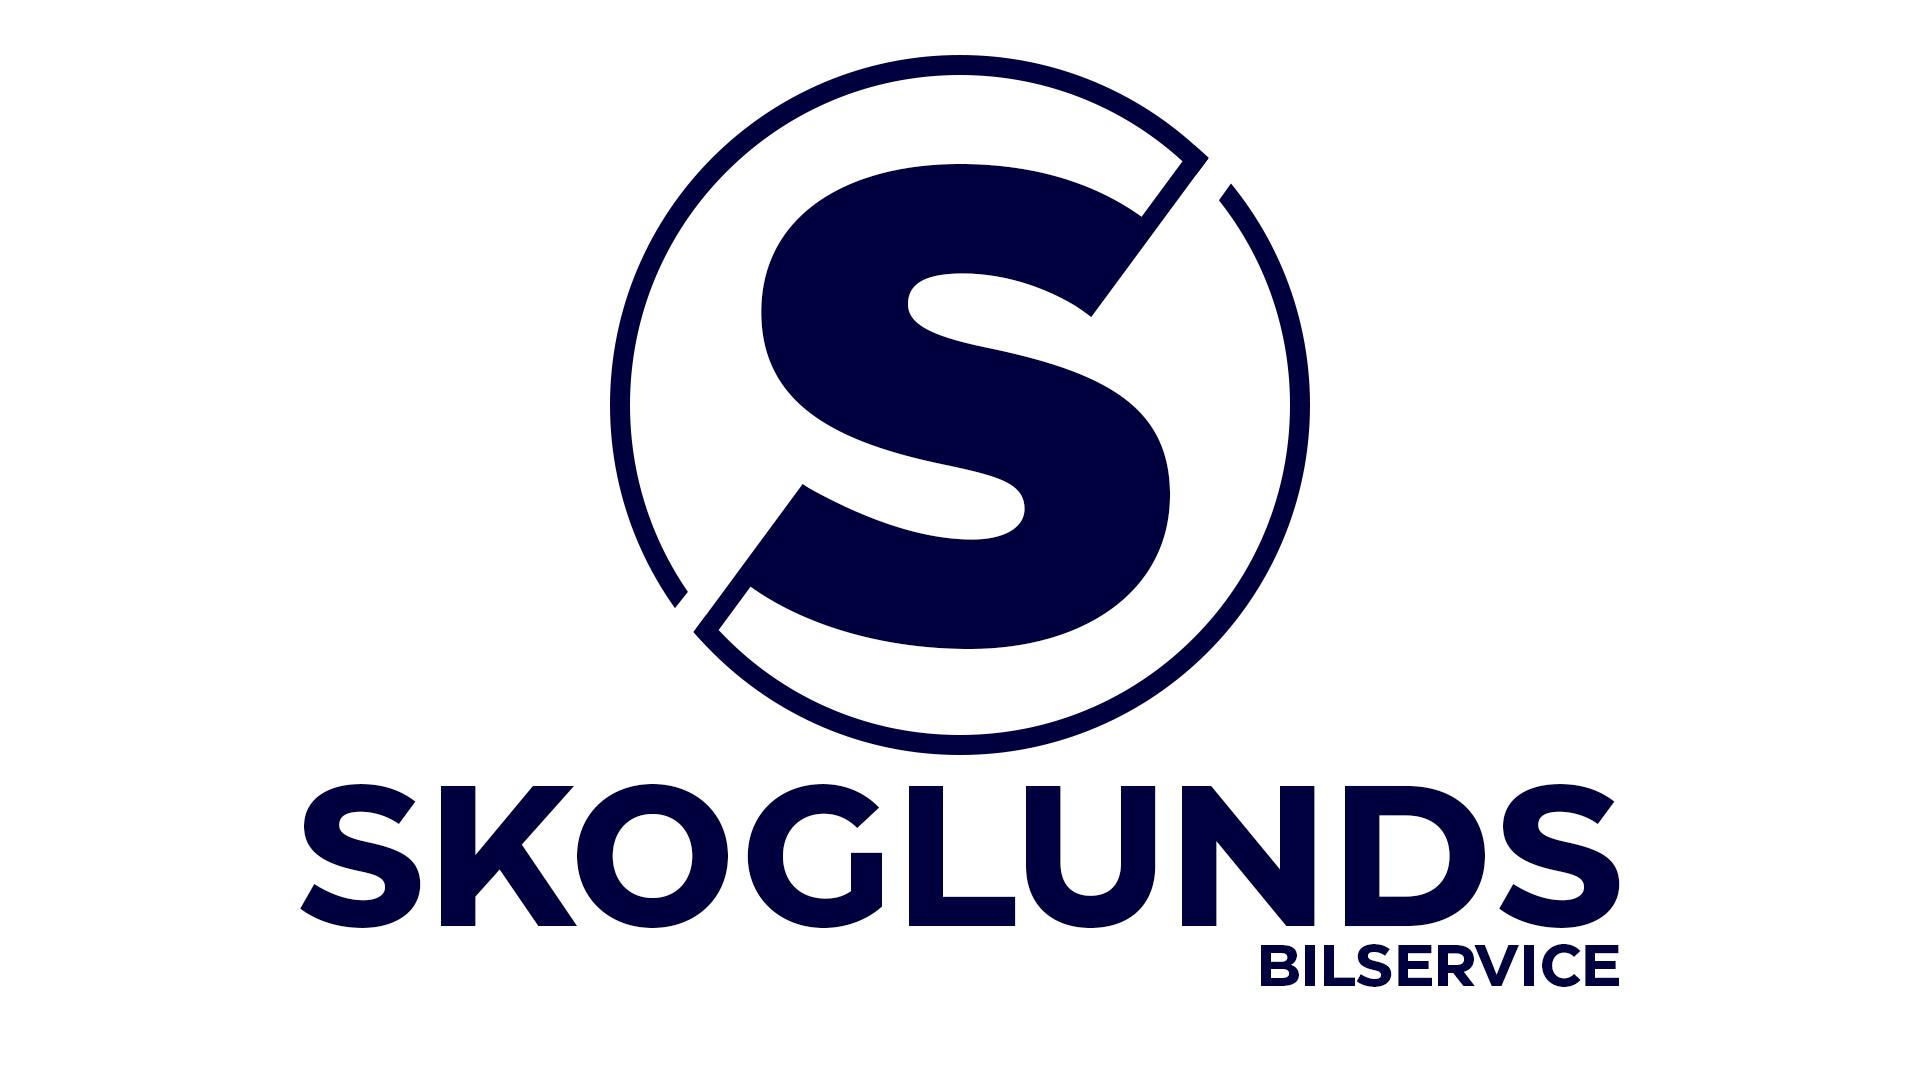 SKOGLUNDS_JPG